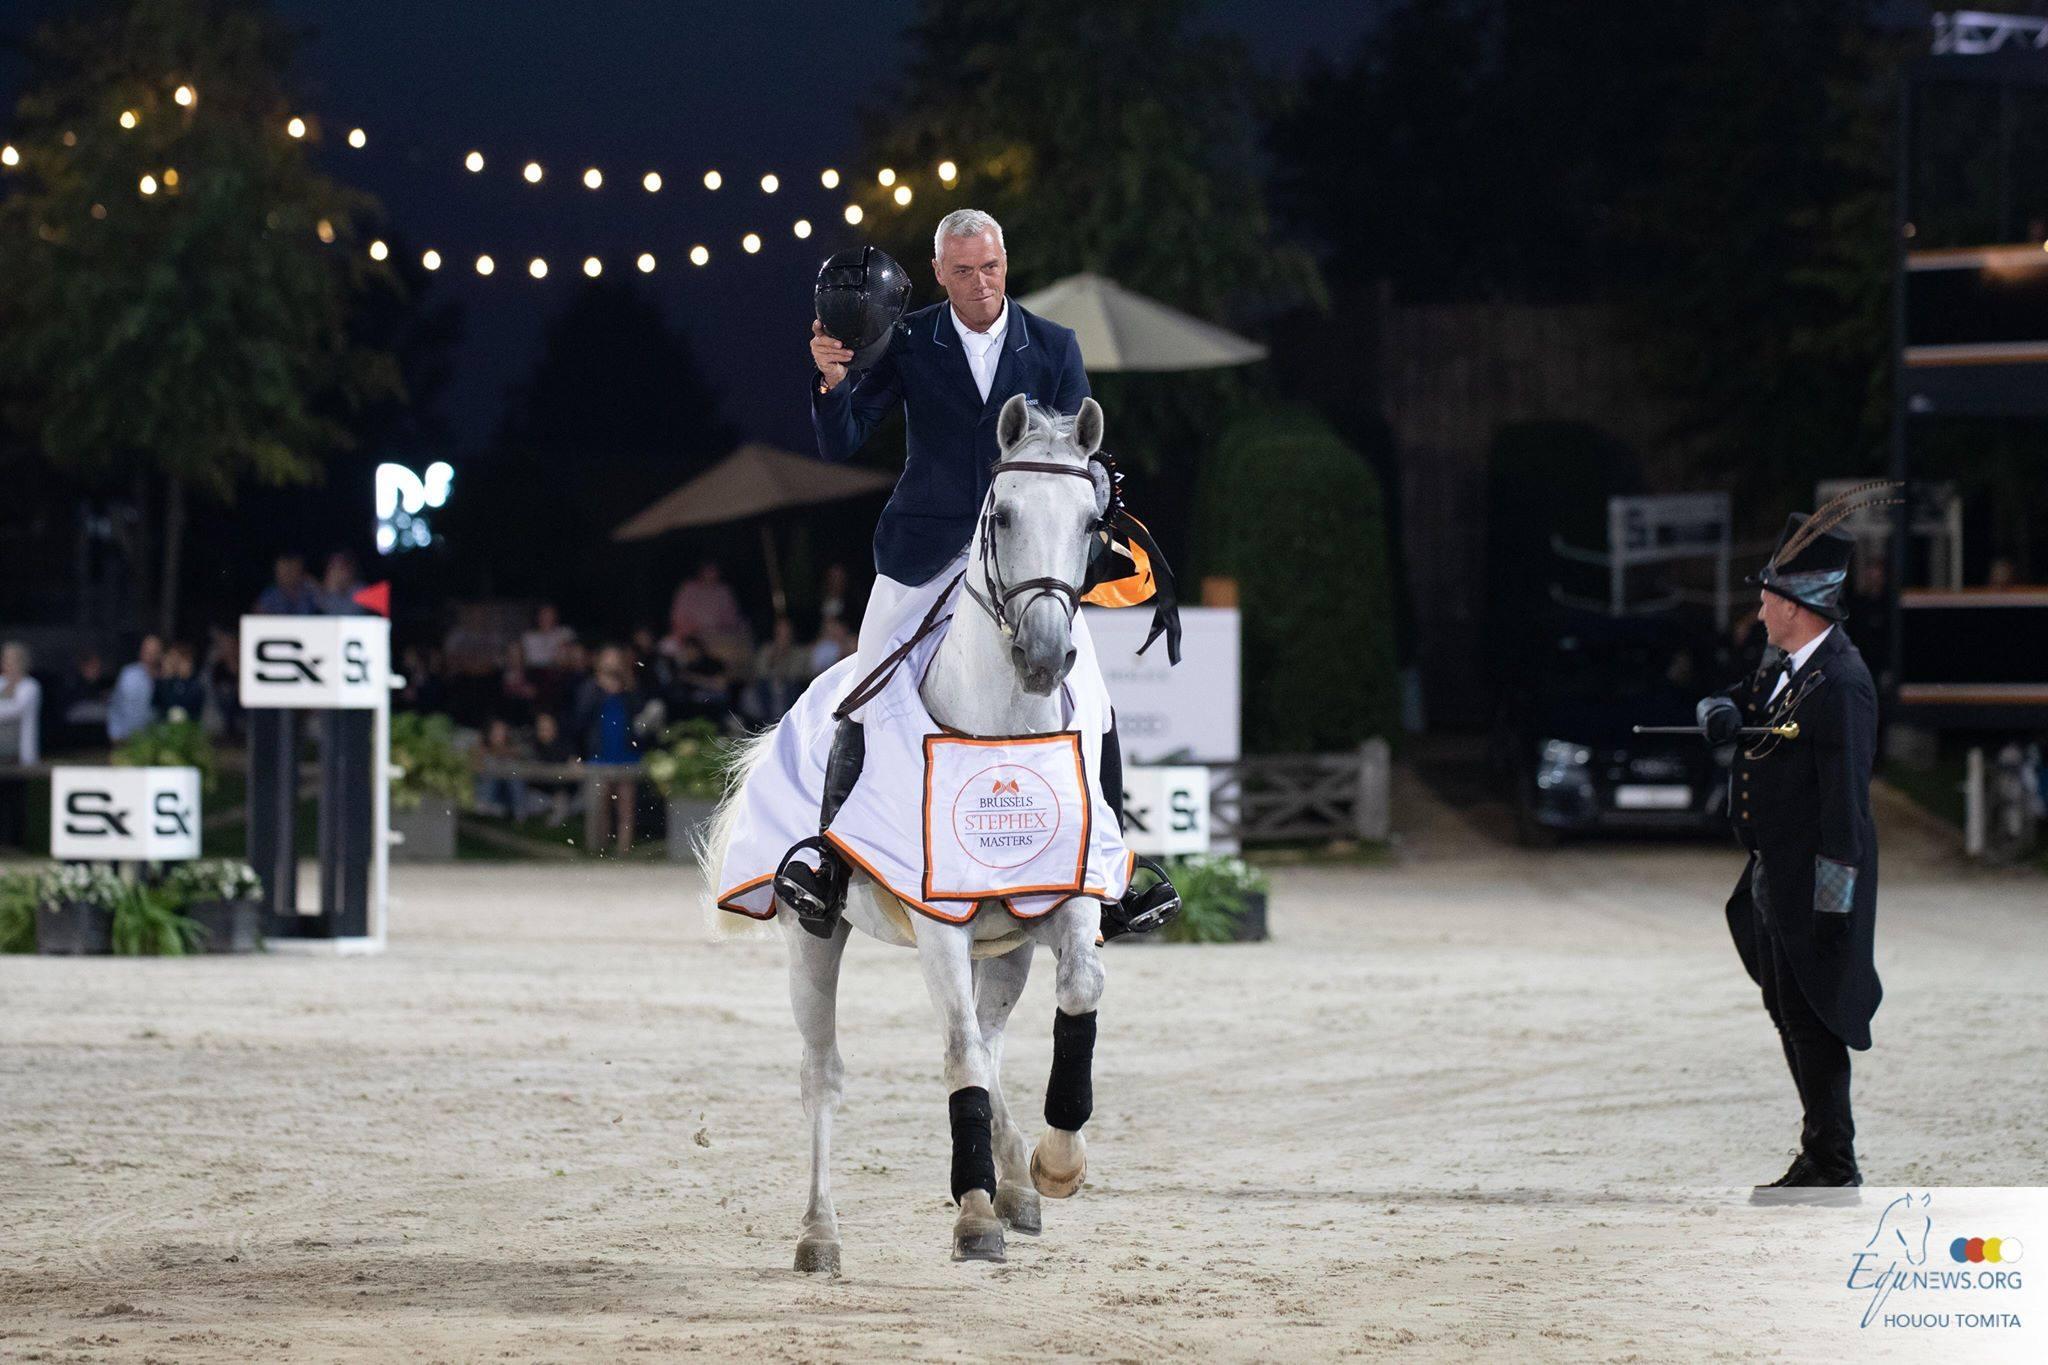 Dominique Hendrickx gagne la classe principale de la journée au Brussels Stephex Masters.